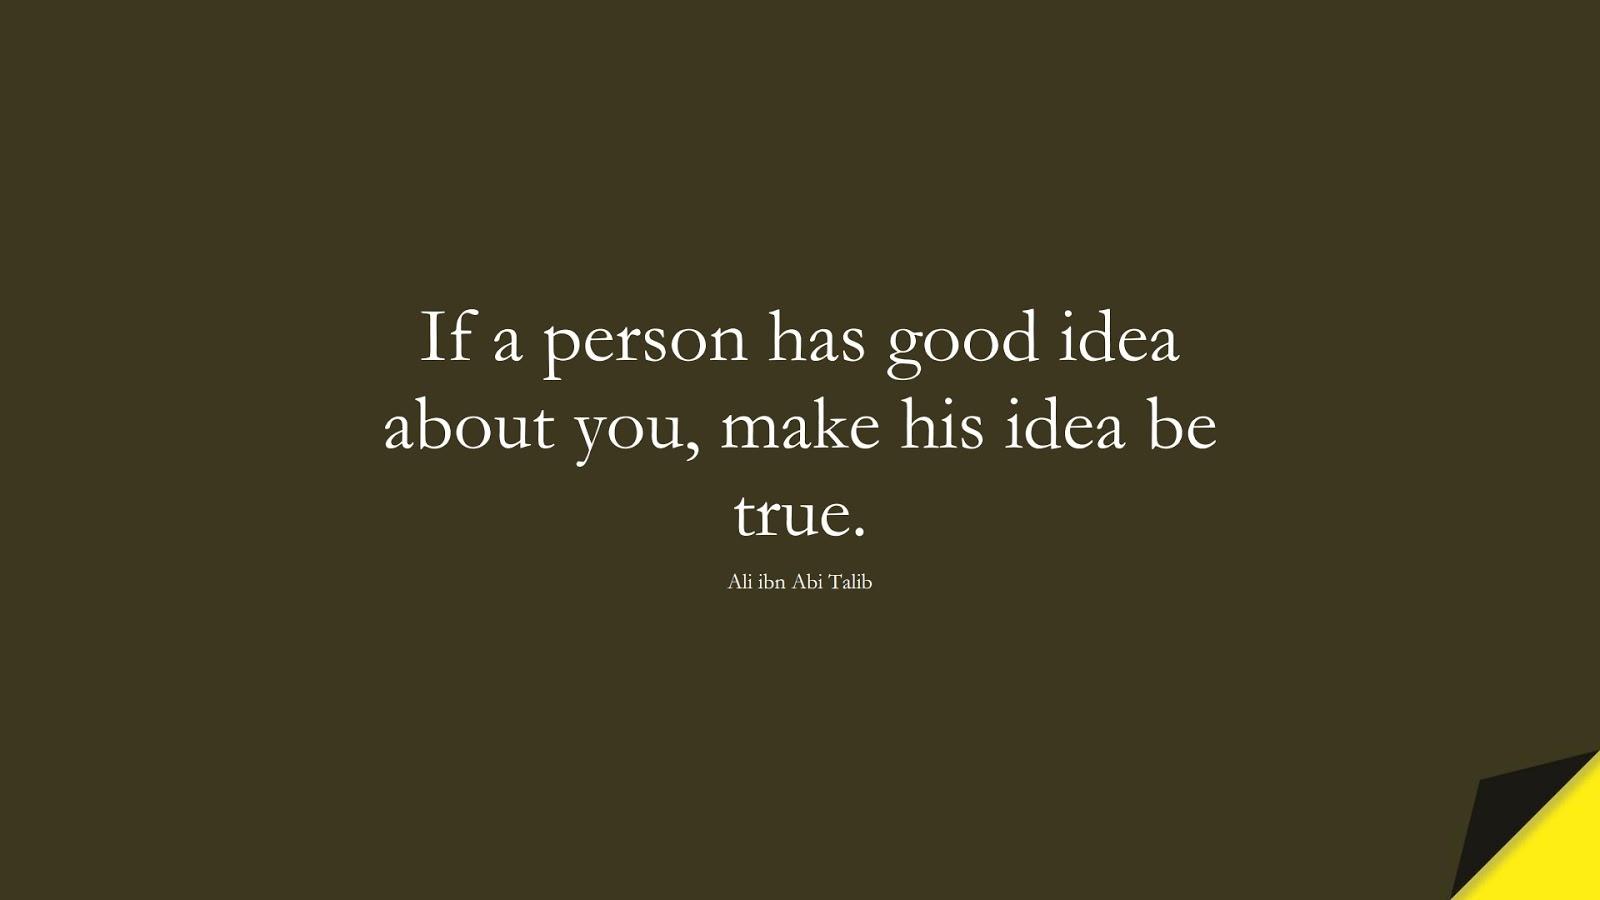 If a person has good idea about you, make his idea be true. (Ali ibn Abi Talib);  #AliQuotes